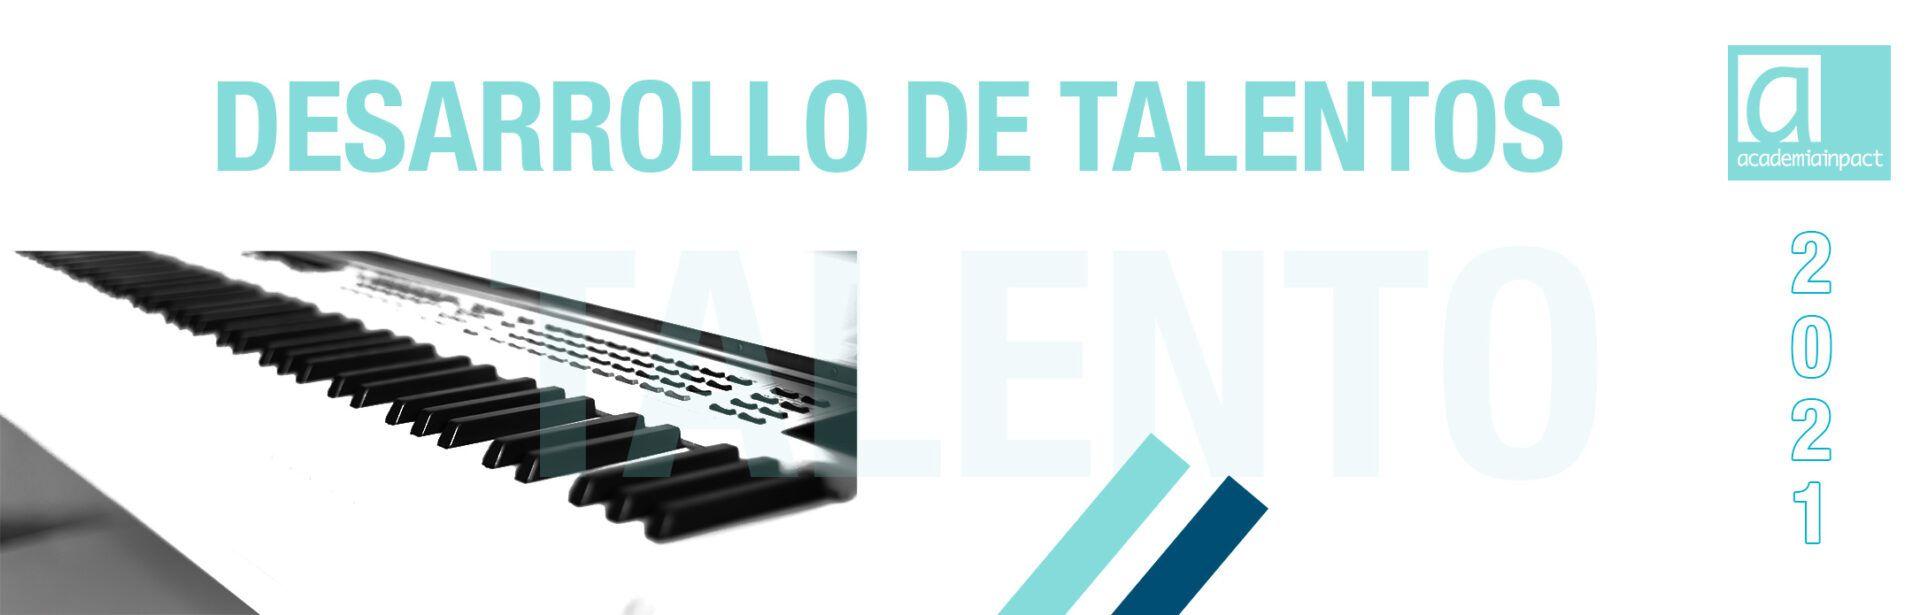 banner-talentos5